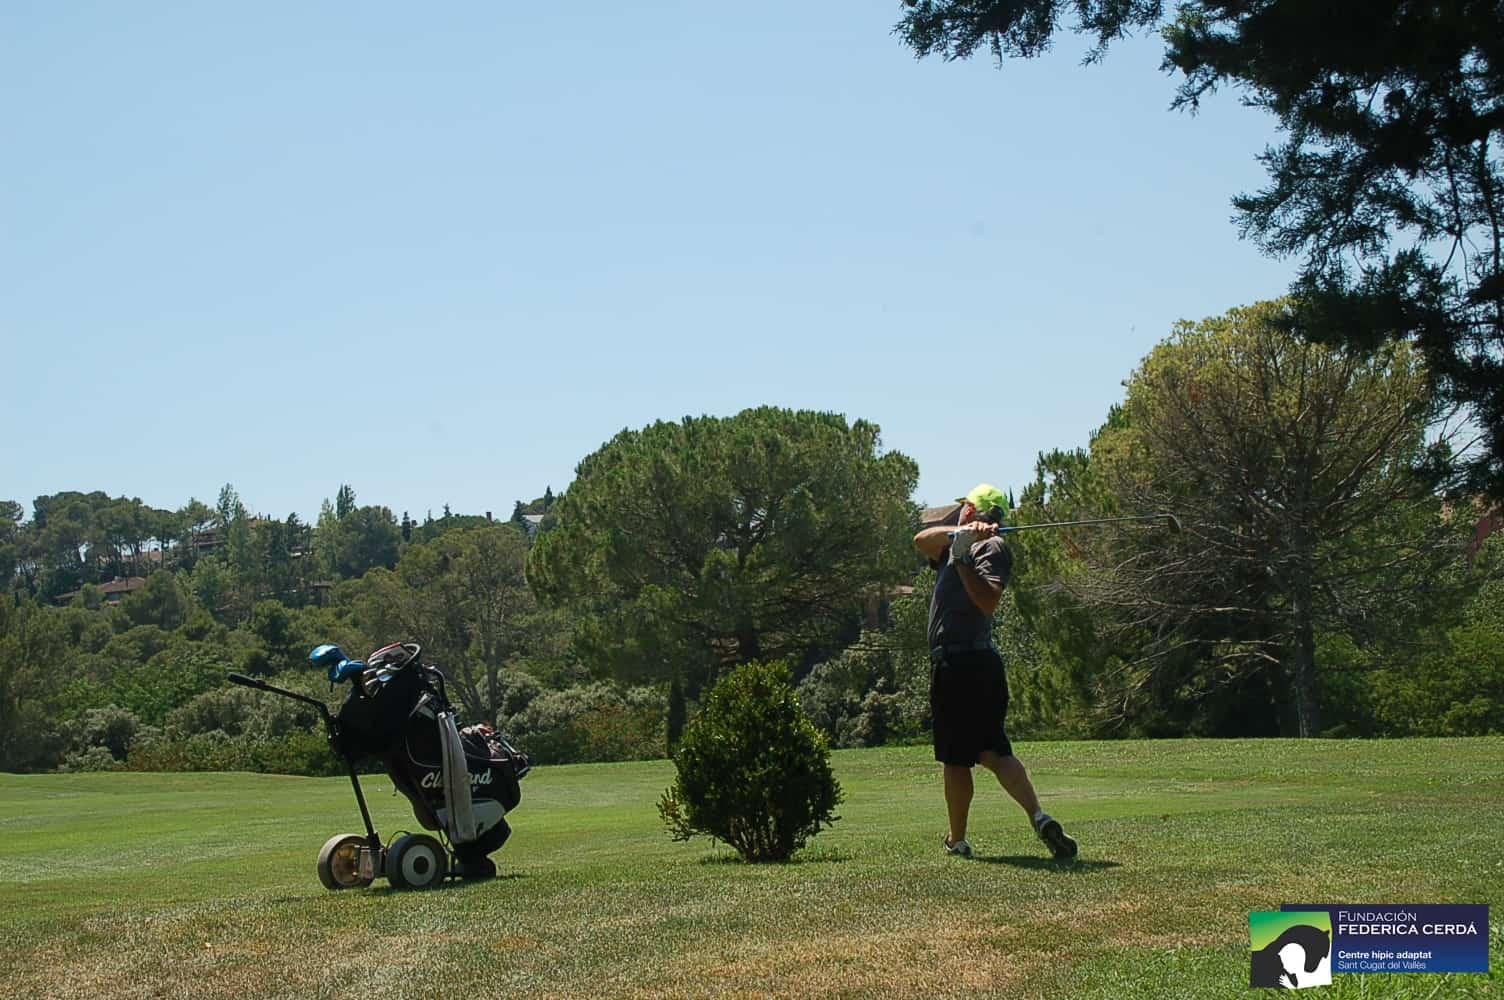 toreno-golf-2017-fundacion-federica-cerda_0265